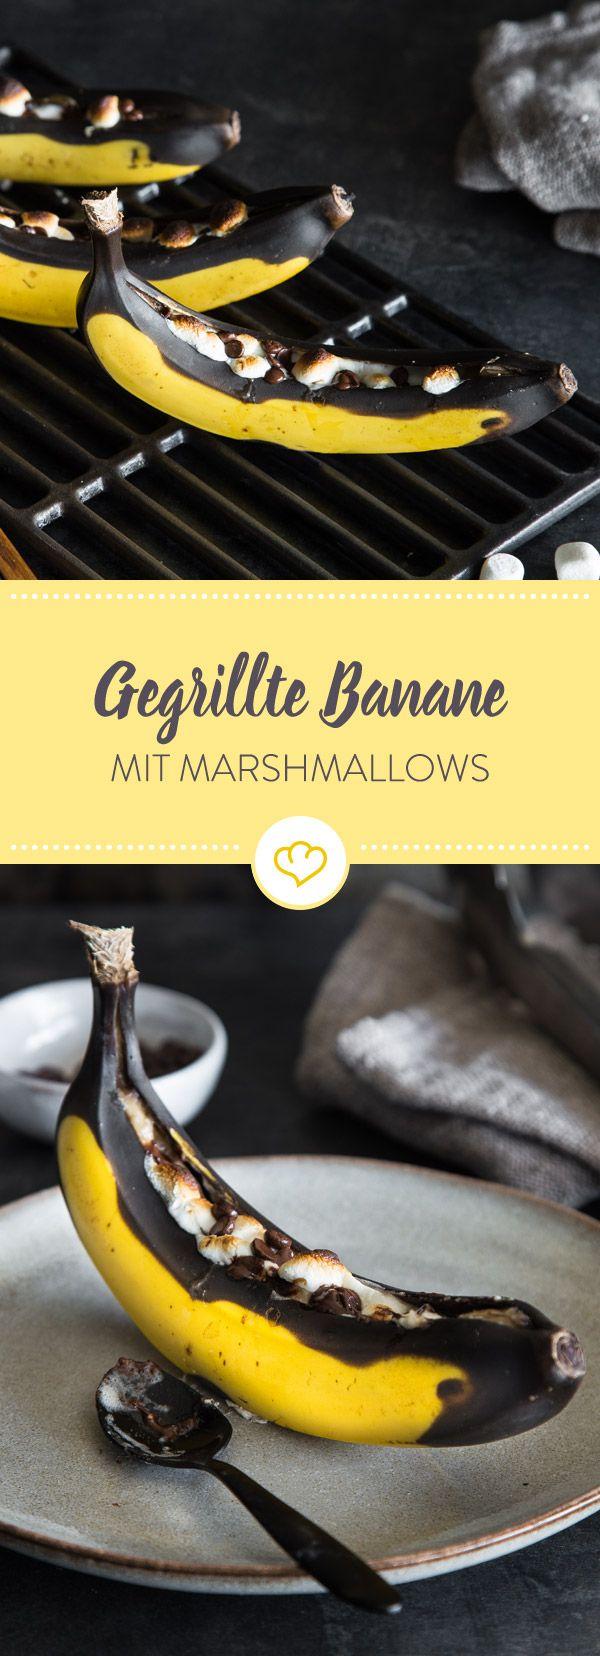 Fülle deine Banane mit Schokolade und Marshmallows, leg sie auf das Rost und sorge mit dieser Köstlichkeit für eine süß-fruchtigen Abschluss beim Grillen.